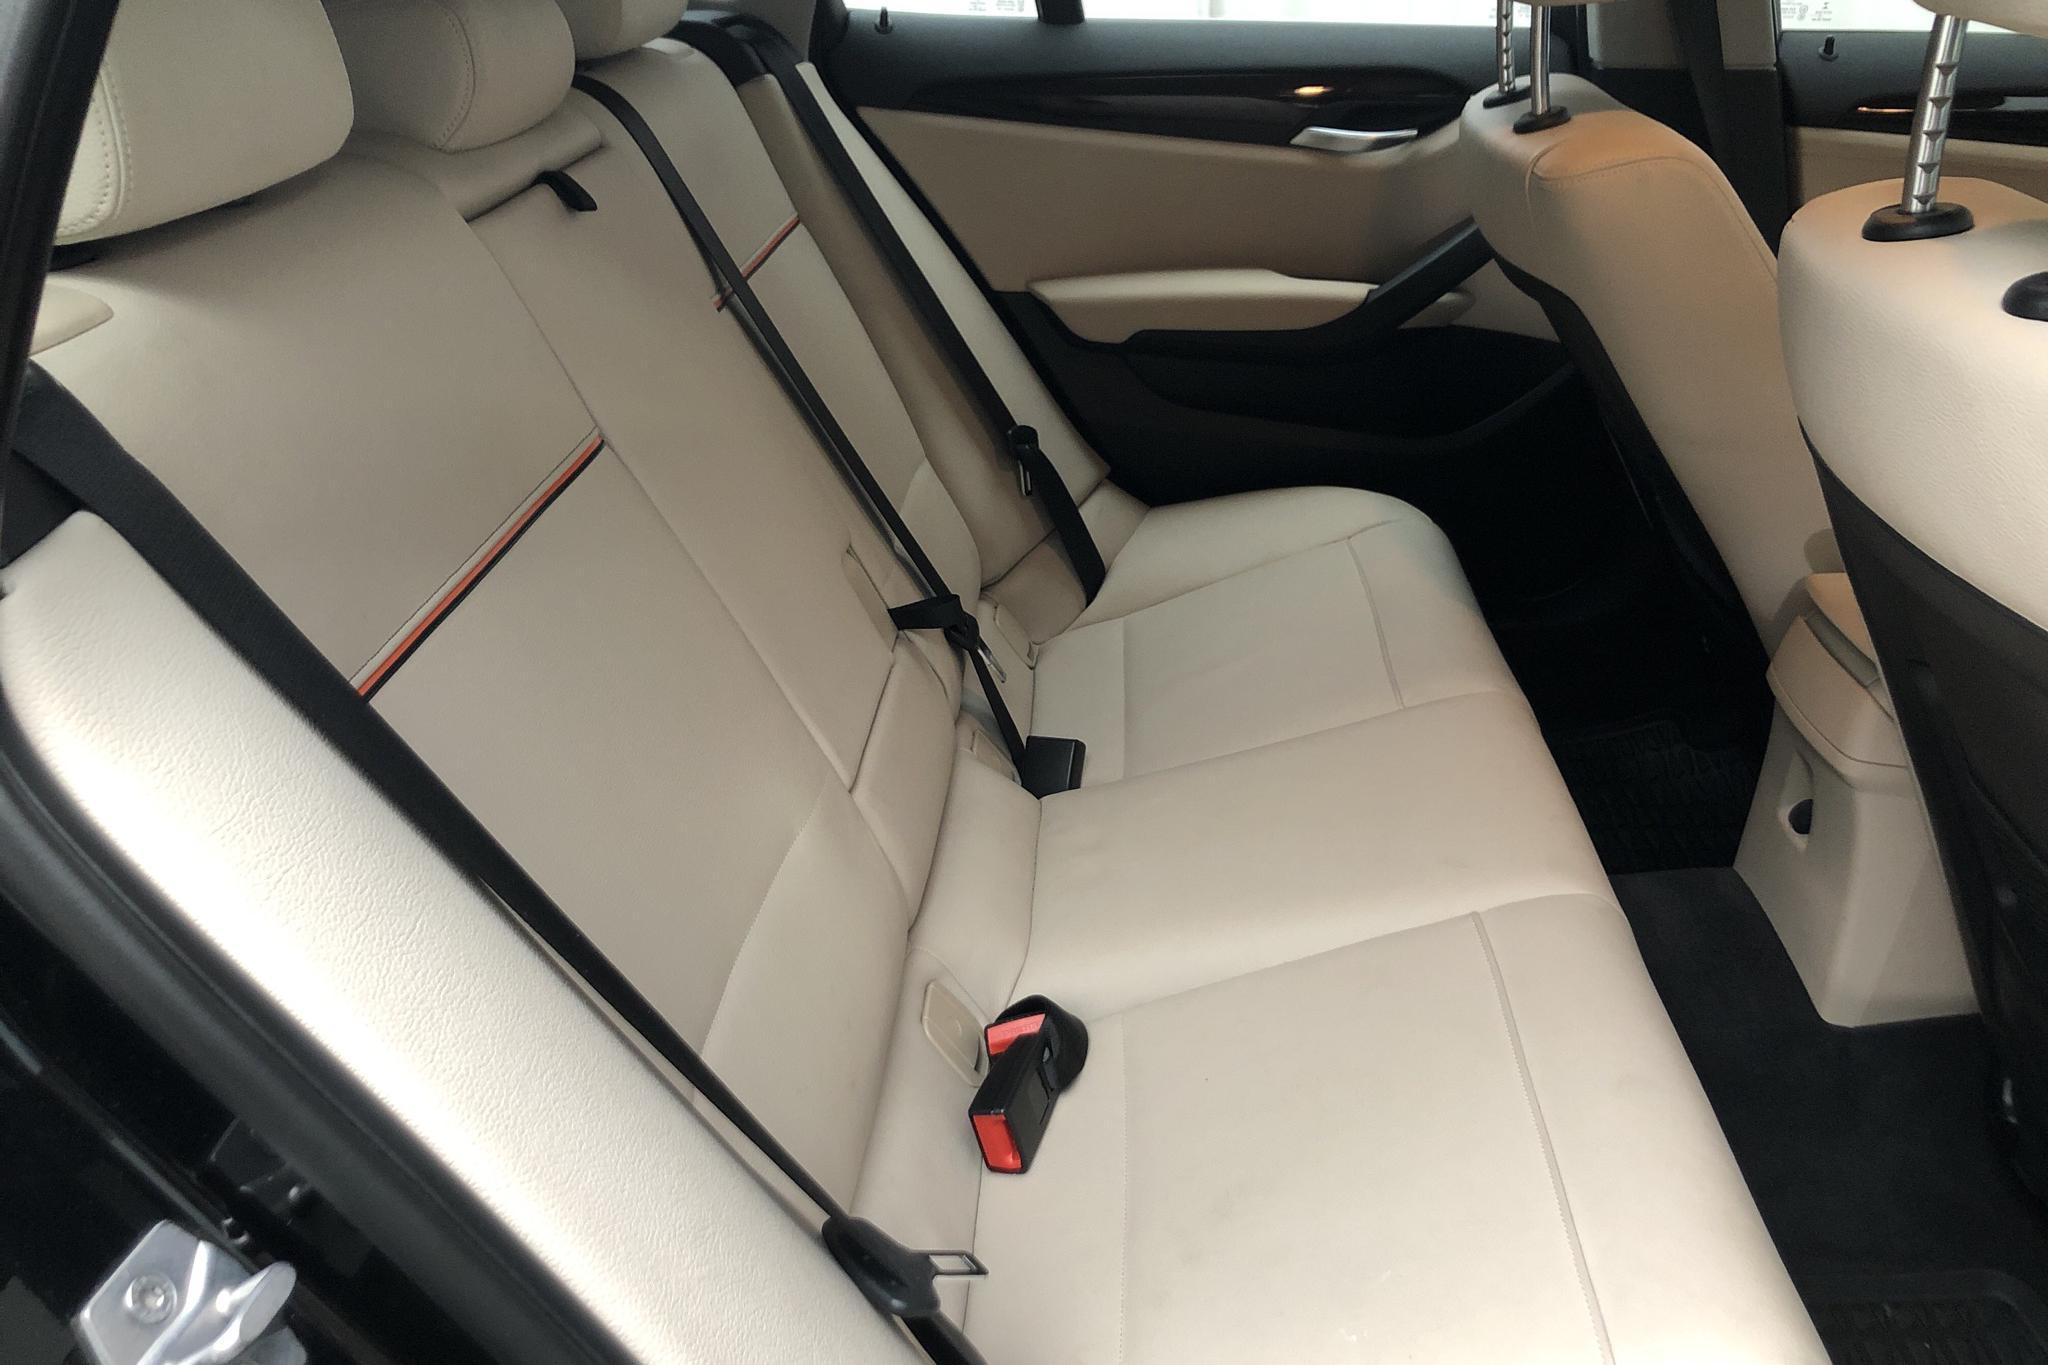 BMW X1 xDrive18d, E84 (143hk) - 9 295 mil - Automat - svart - 2015